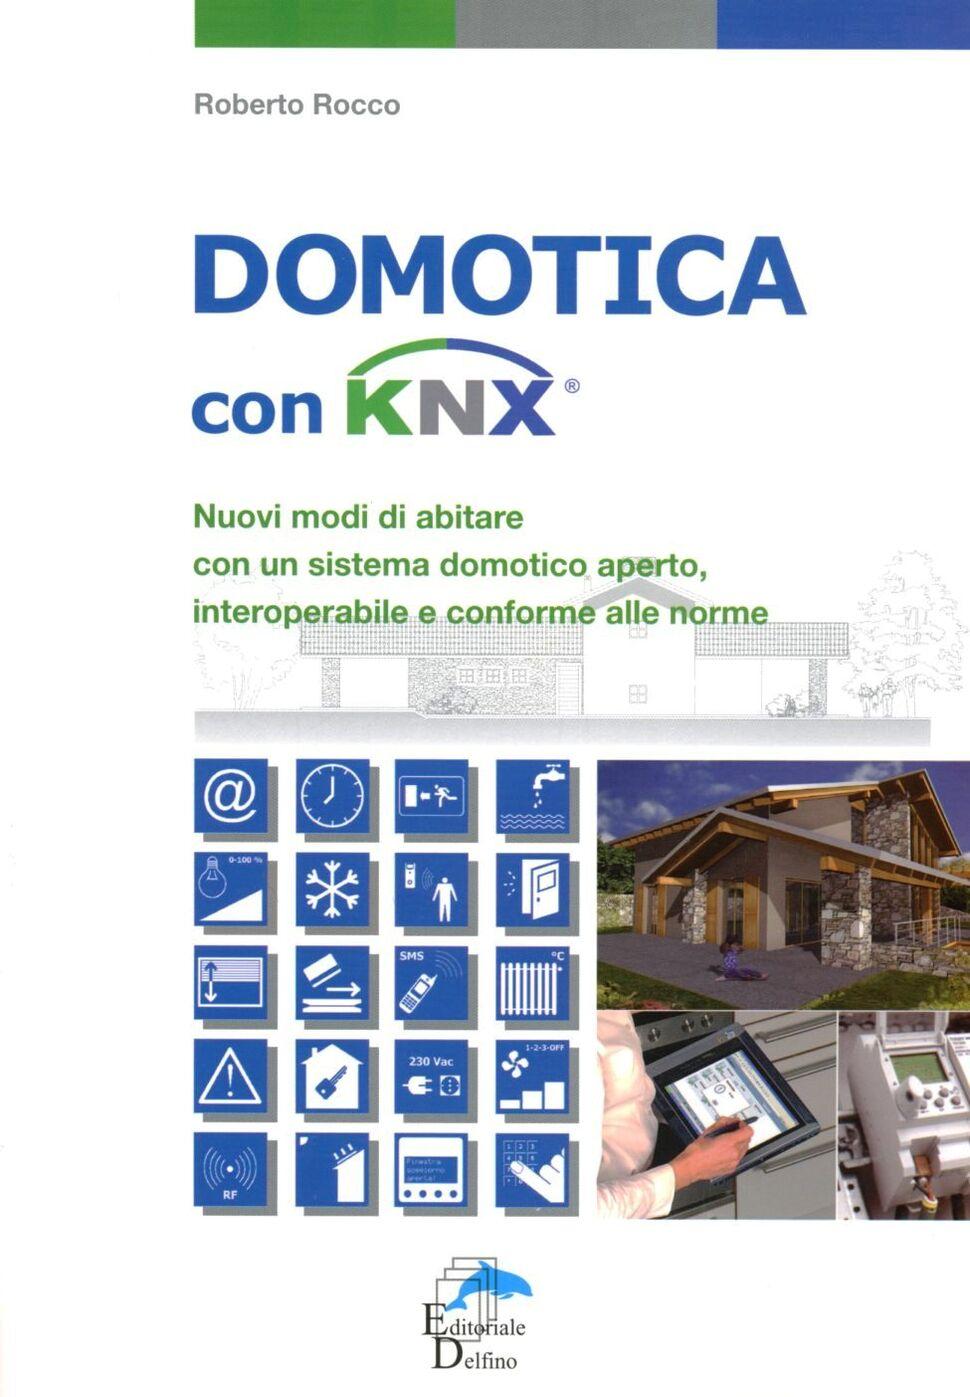 Domotica con KNX. Nuovi modi di abitare con un sistema domotico aperto, interoperabile e conforme alle norme